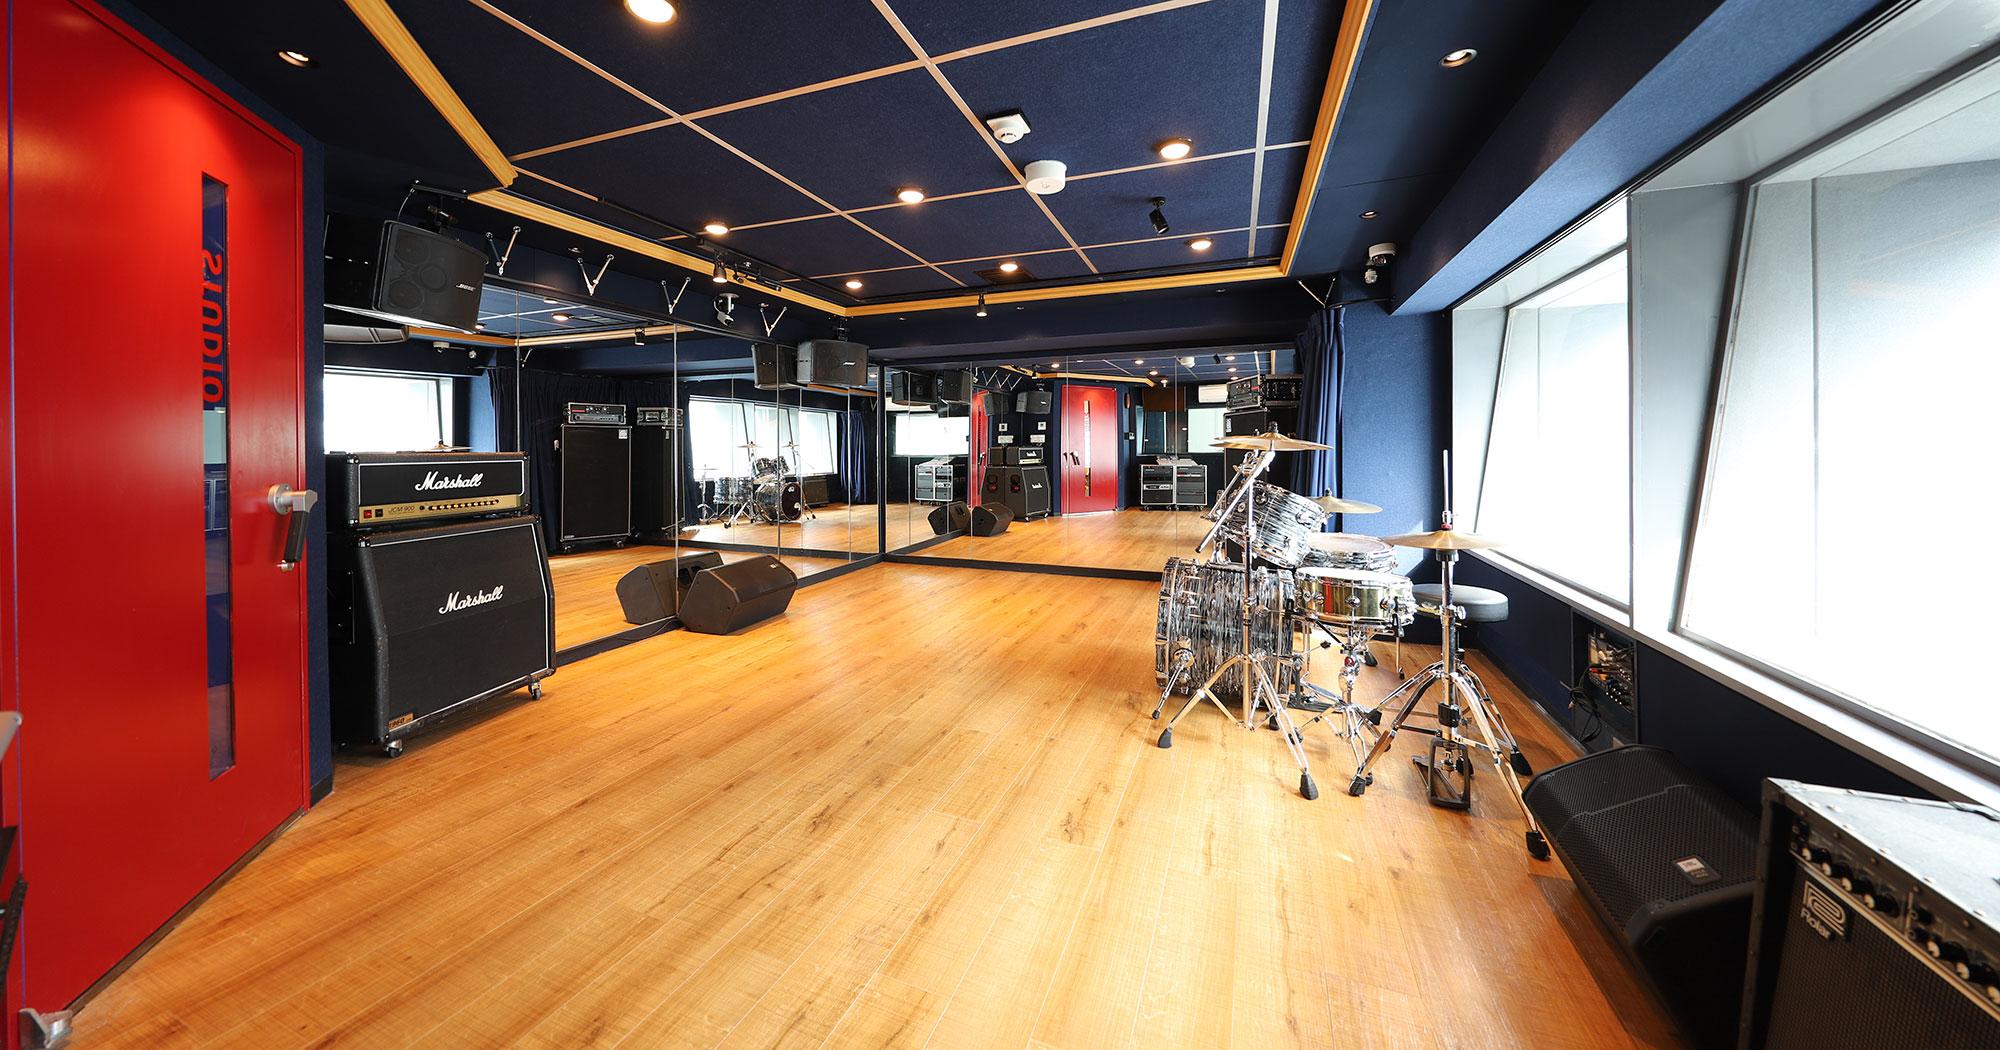 【超完全プライベートスタジオ】駒沢店の4階Fstがこの度リニューアルオープンしました!! 16帖+12帖のサブルーム付きの超完全プライベート型のバンドスタジオです。